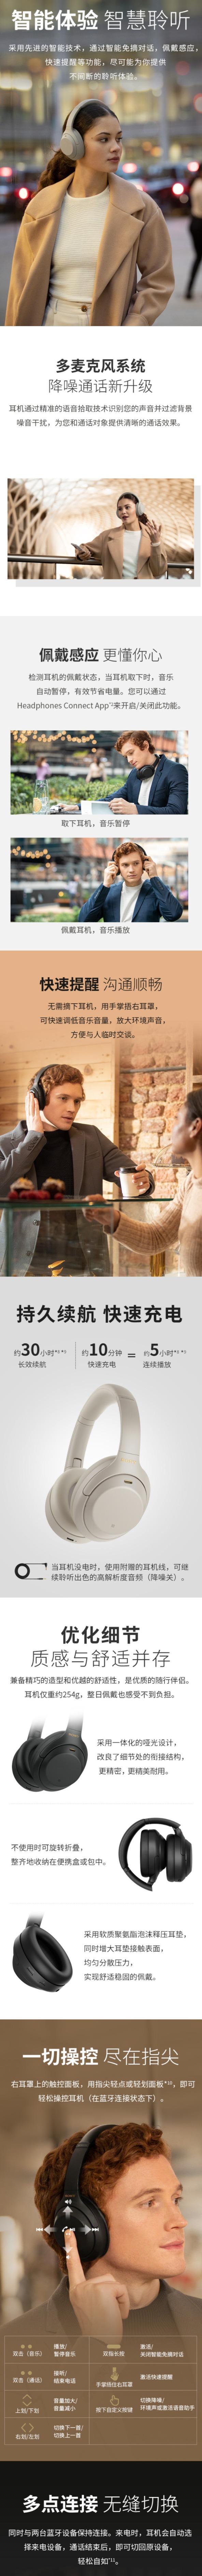 Sony 索尼 WH-1000XM4 高解析度 旗舰级蓝牙降噪耳机 398加元包邮!2色可选!